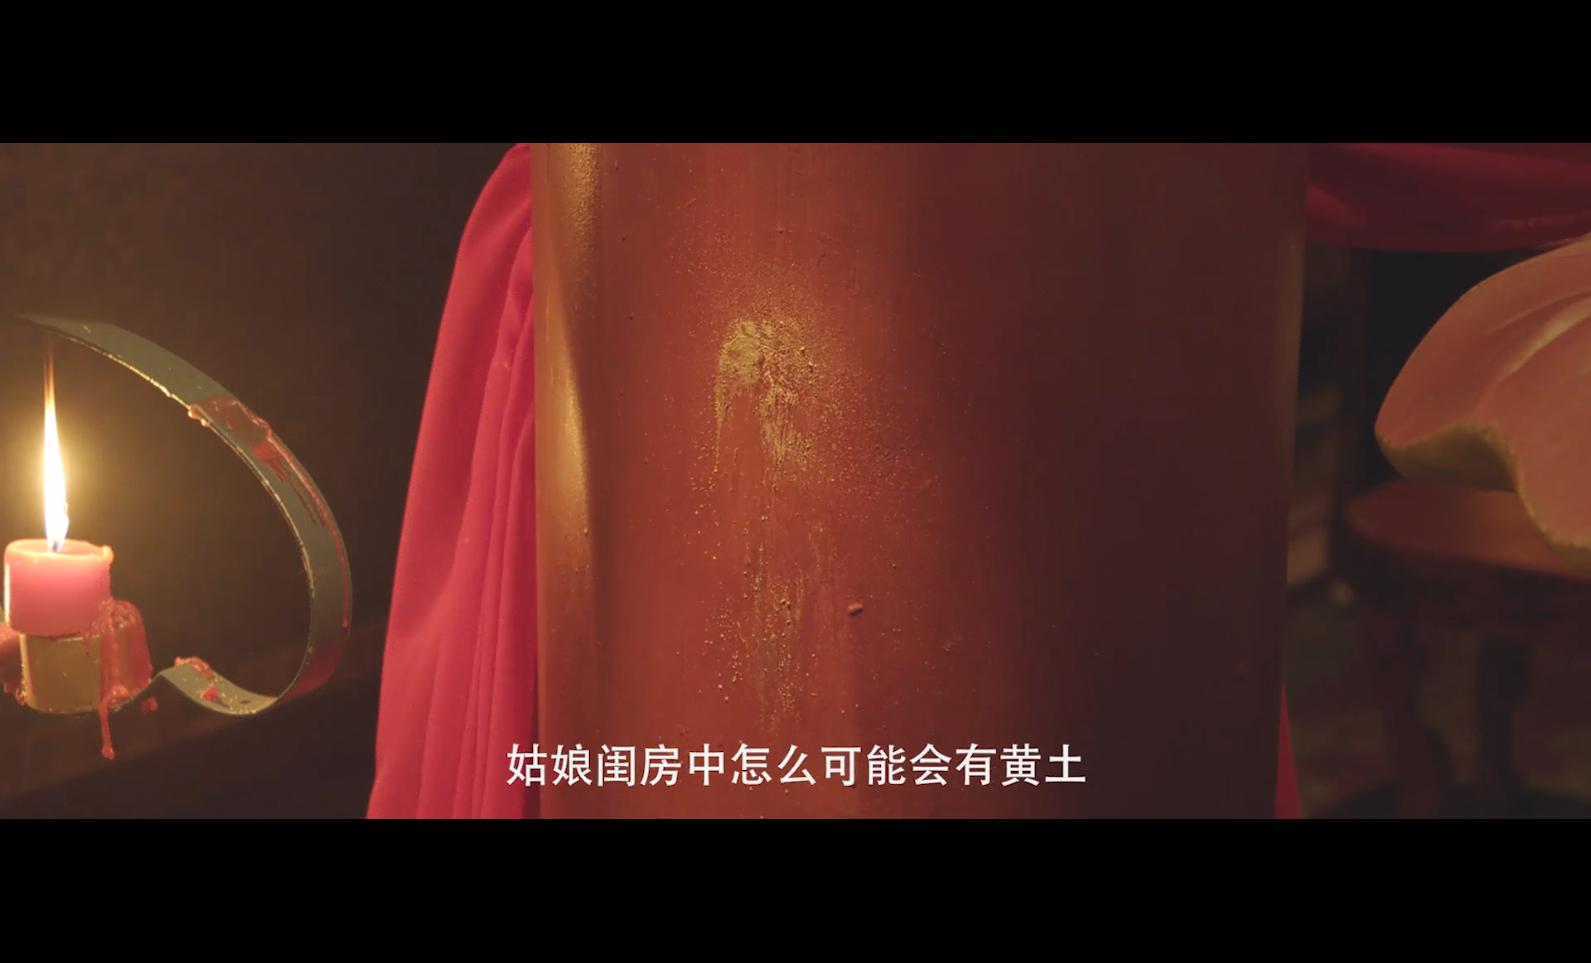 2018.[劇情/動作/懸疑][狄仁杰之幽冥道]HD1080P迅雷百度云高清下載圖片 第4張